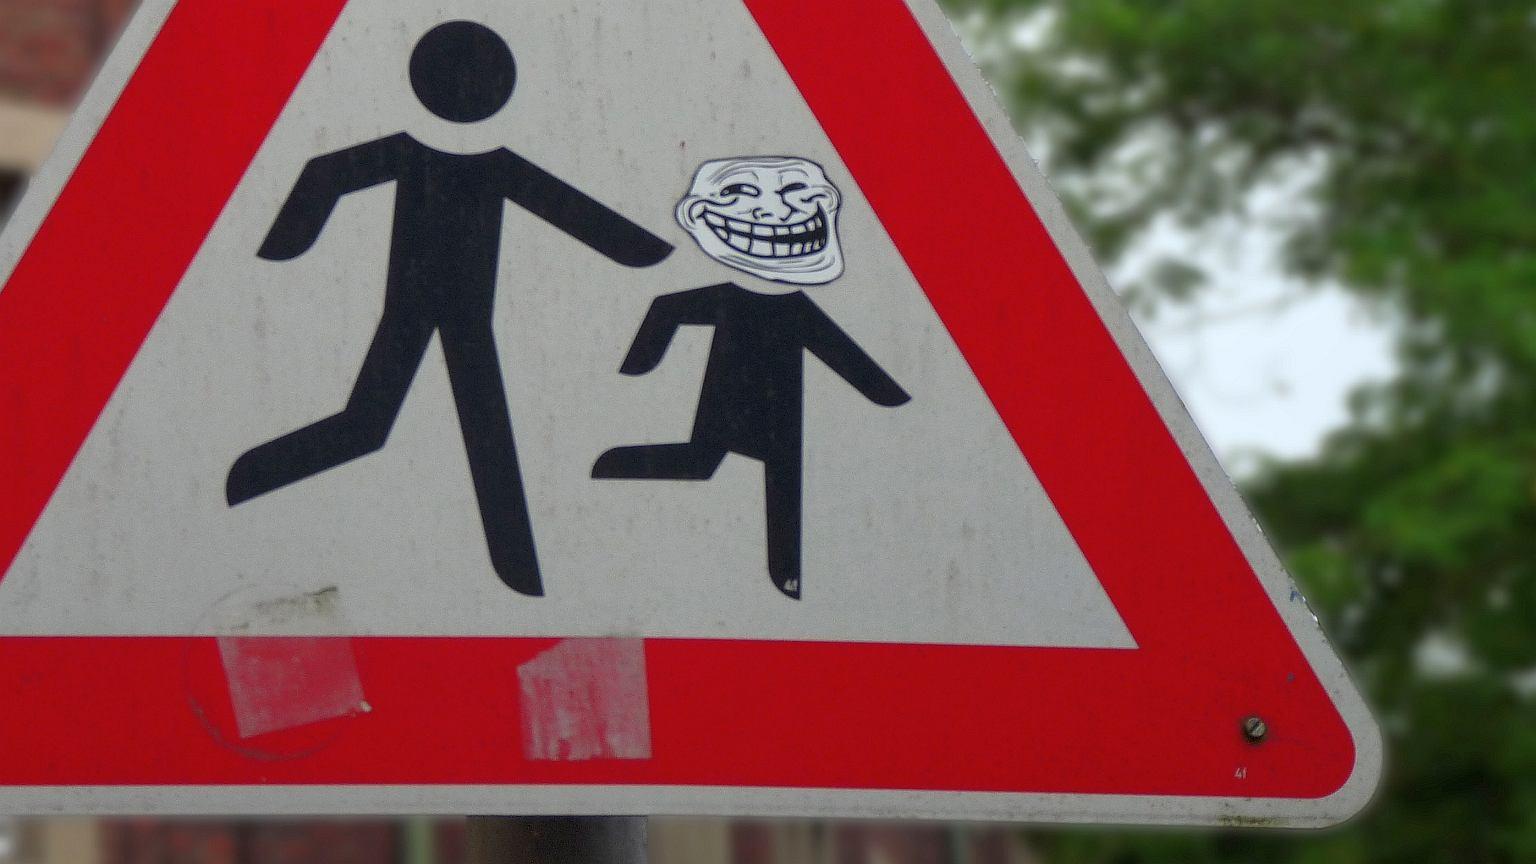 Trollface, legendarna już 'gęba' trolla, na znaku drogowym w Niemczech